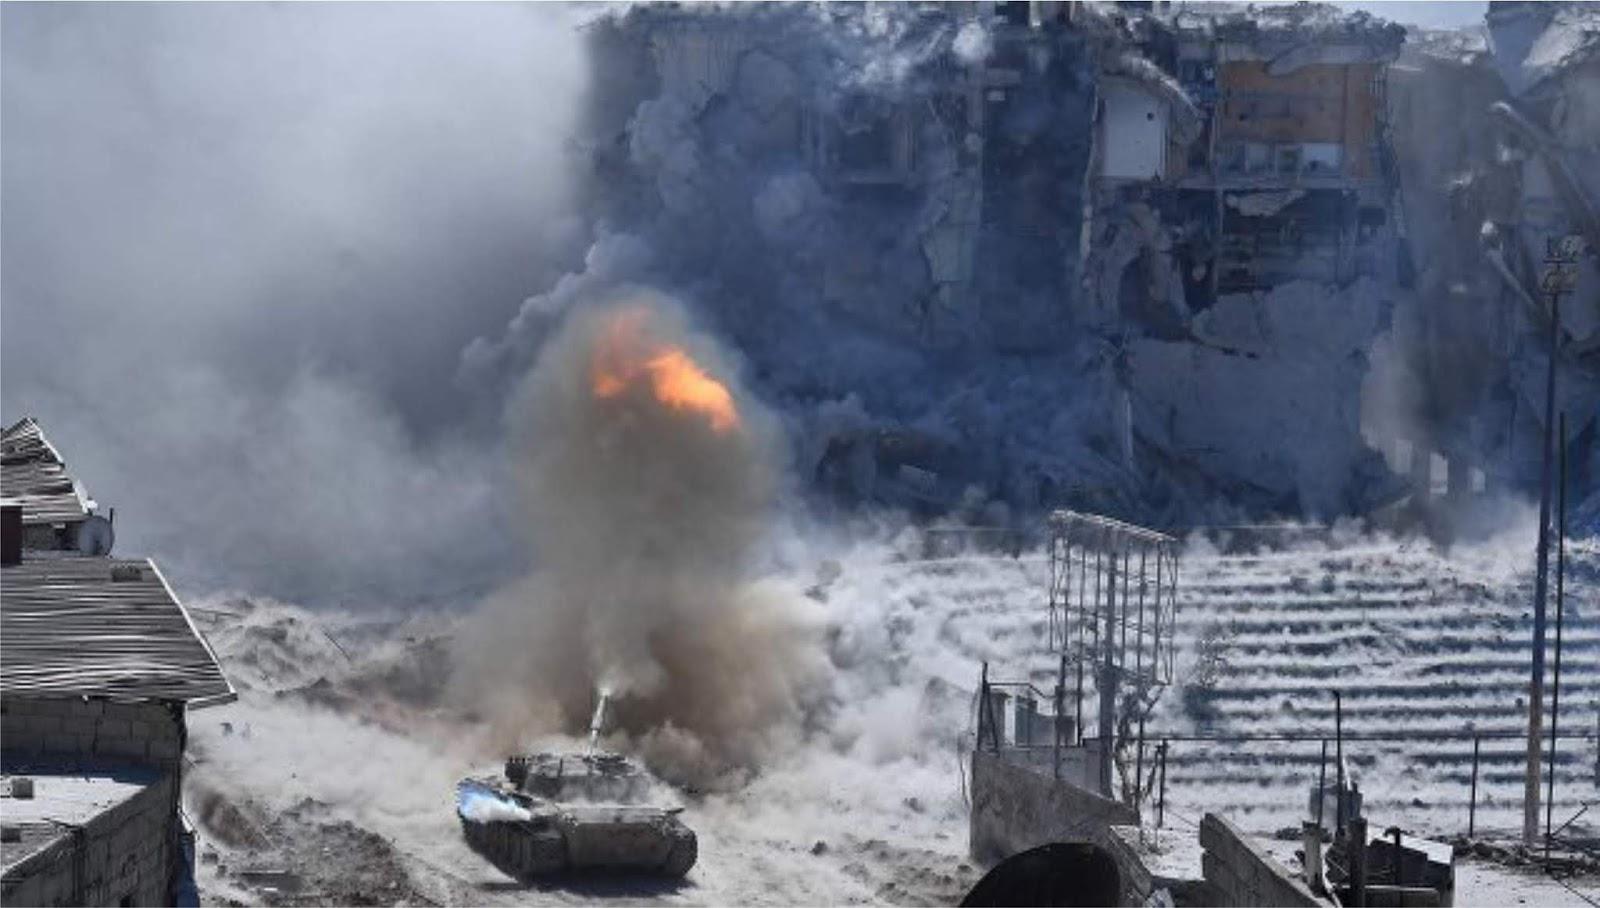 Kementerian Pertahanan Rusia menerbitkan video serangan udara terhadap teroris di Idlib